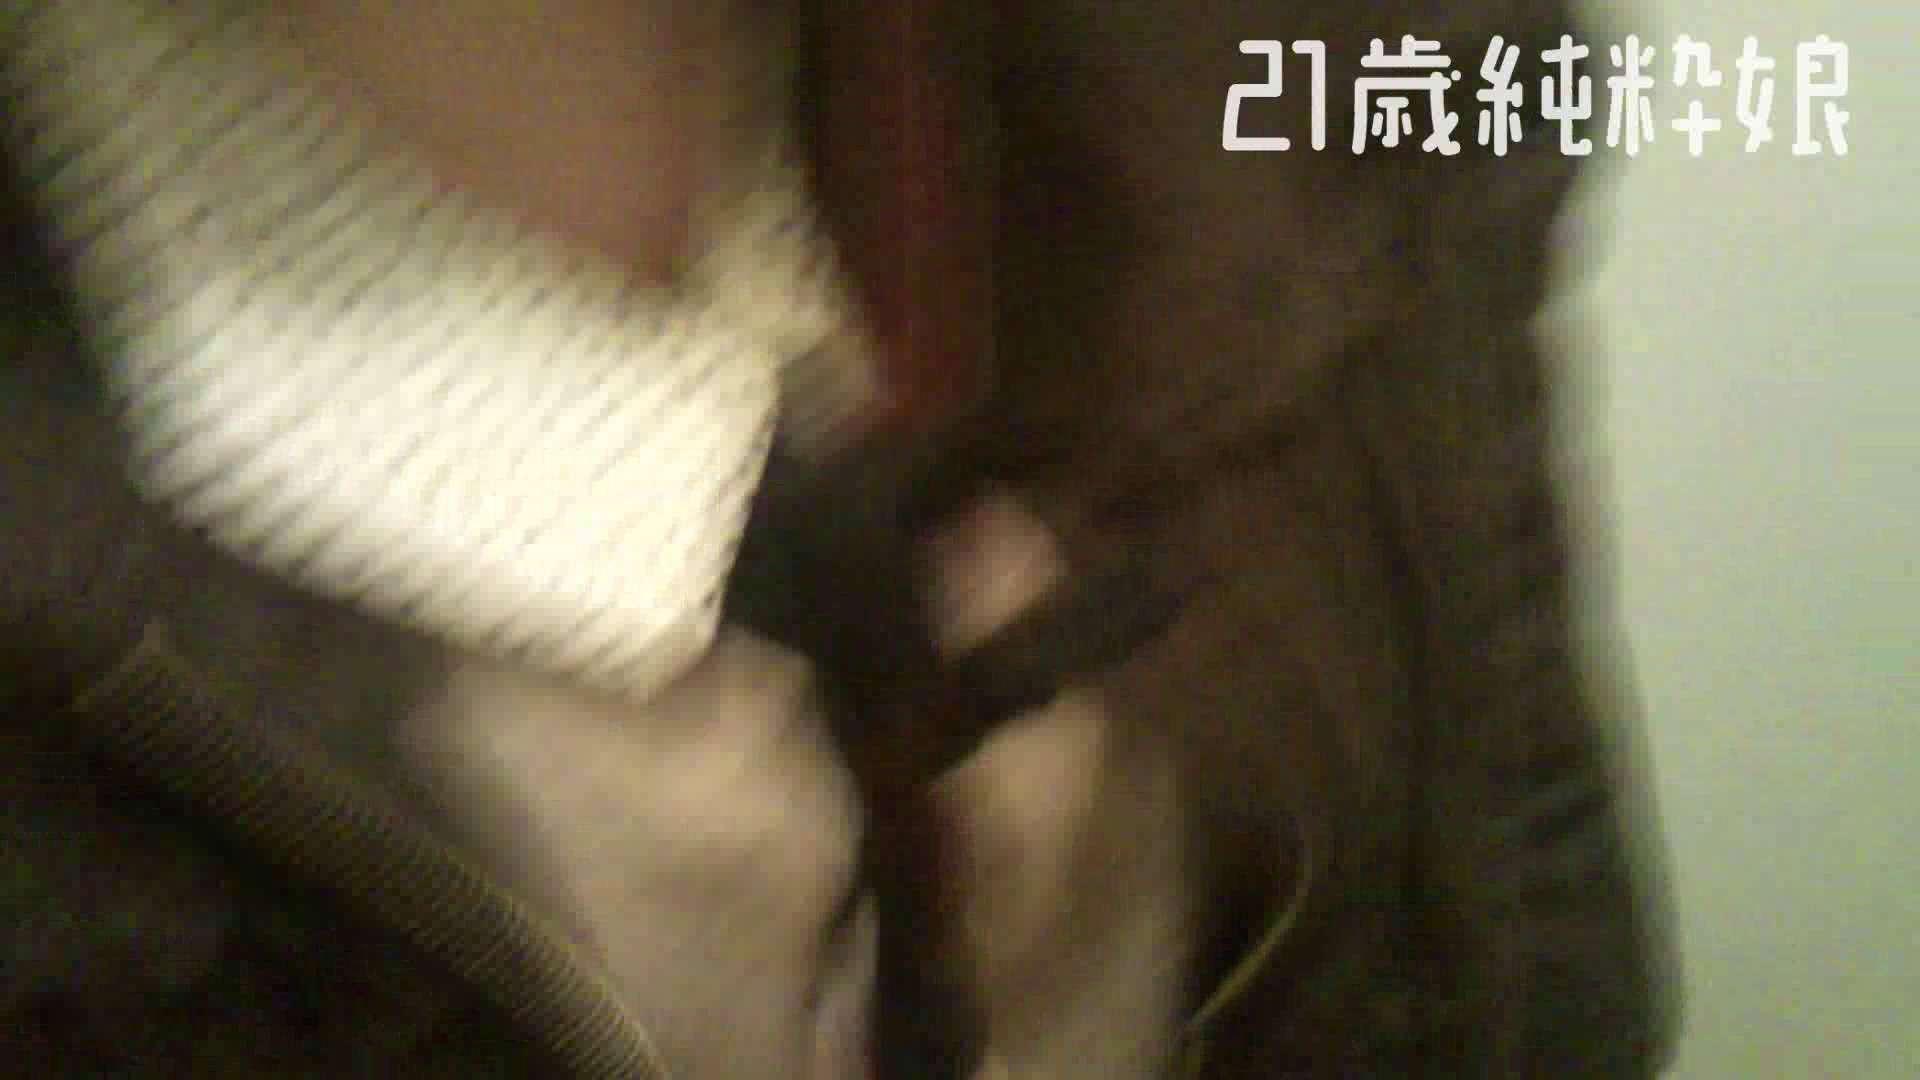 Gカップ21歳純粋嬢第2弾Vol.5 一般投稿  77pic 63